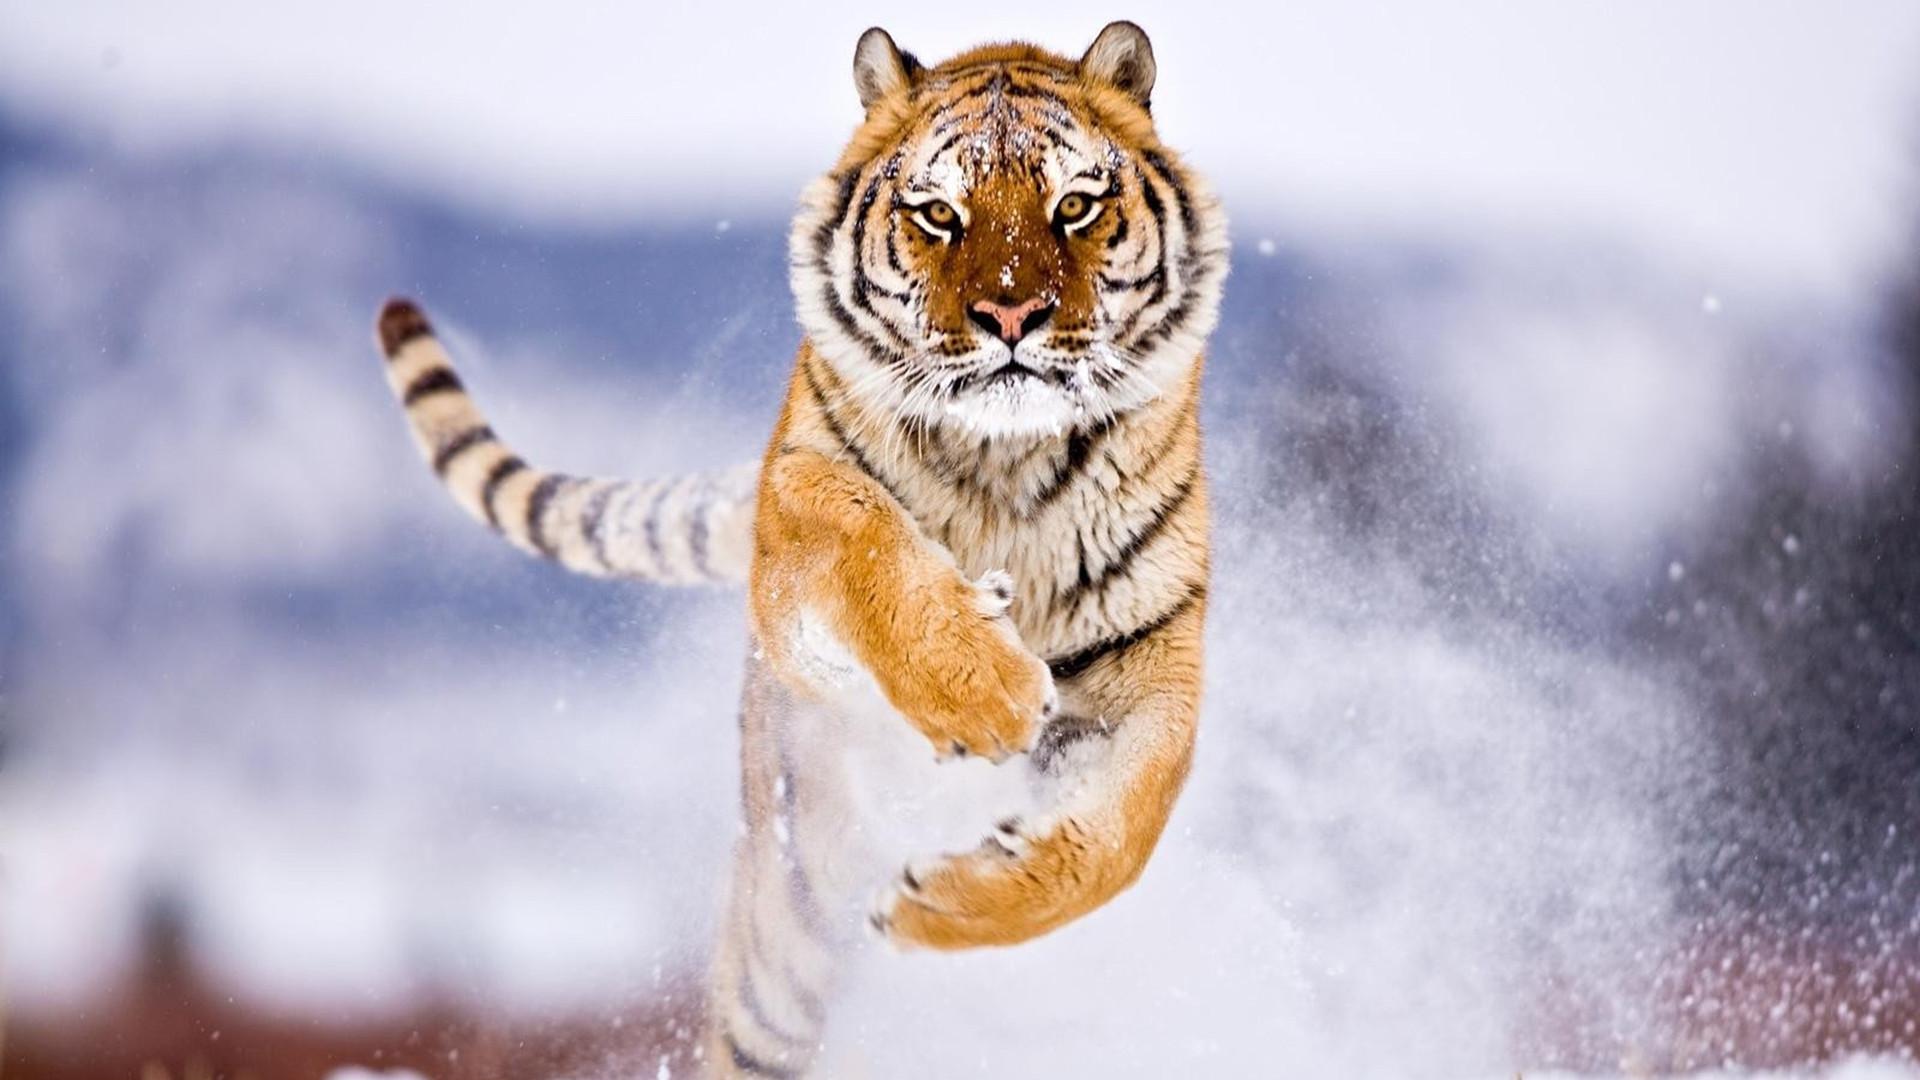 Running tiger wallpaper animals images.